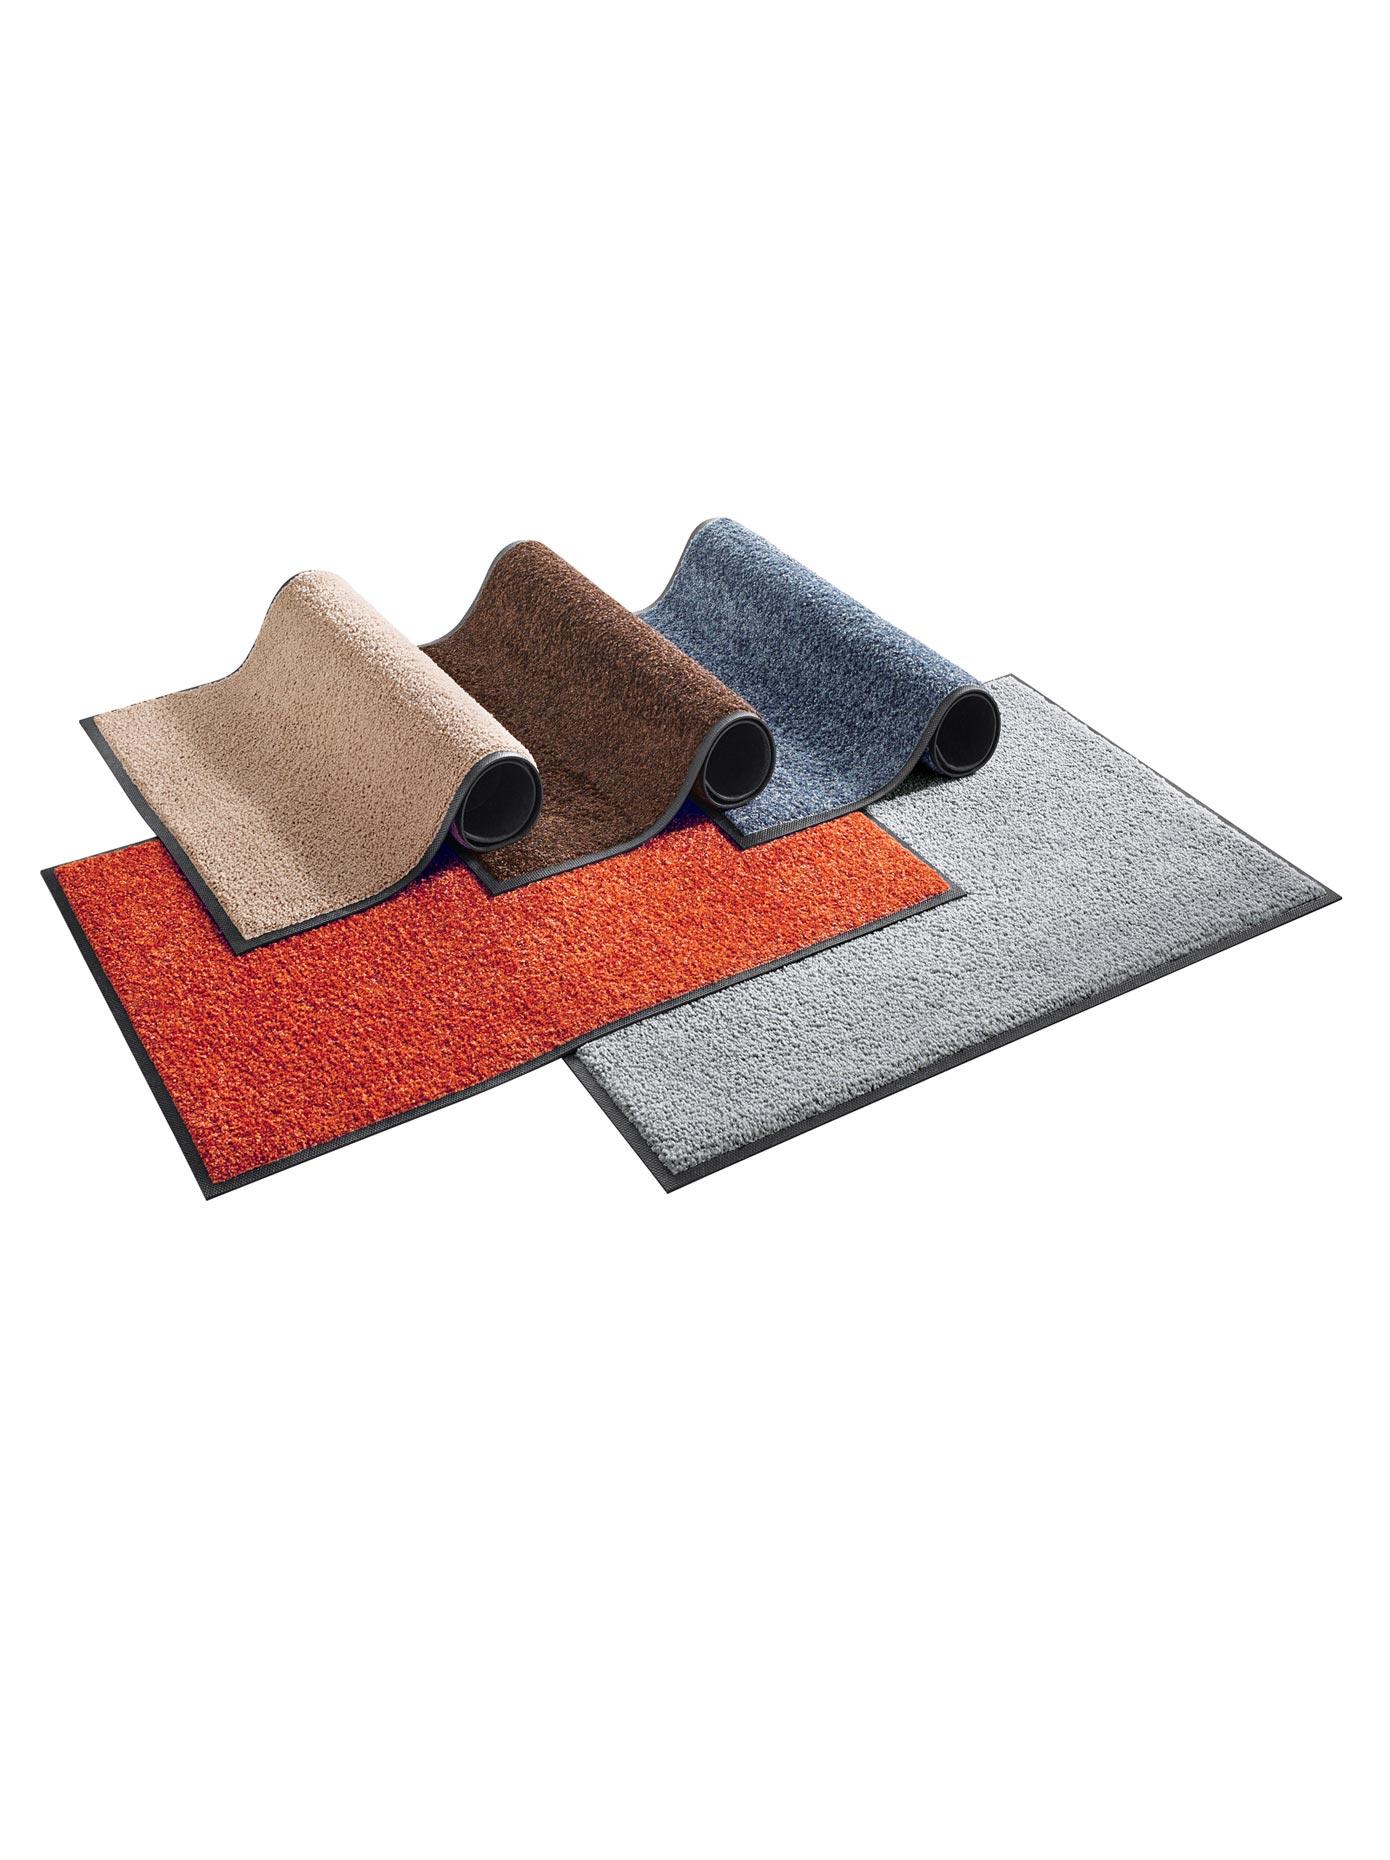 Schmutzfangmatte Wohnen/Räume/Diele & Flur/Teppiche und Läufer/Schmutzfangläufer